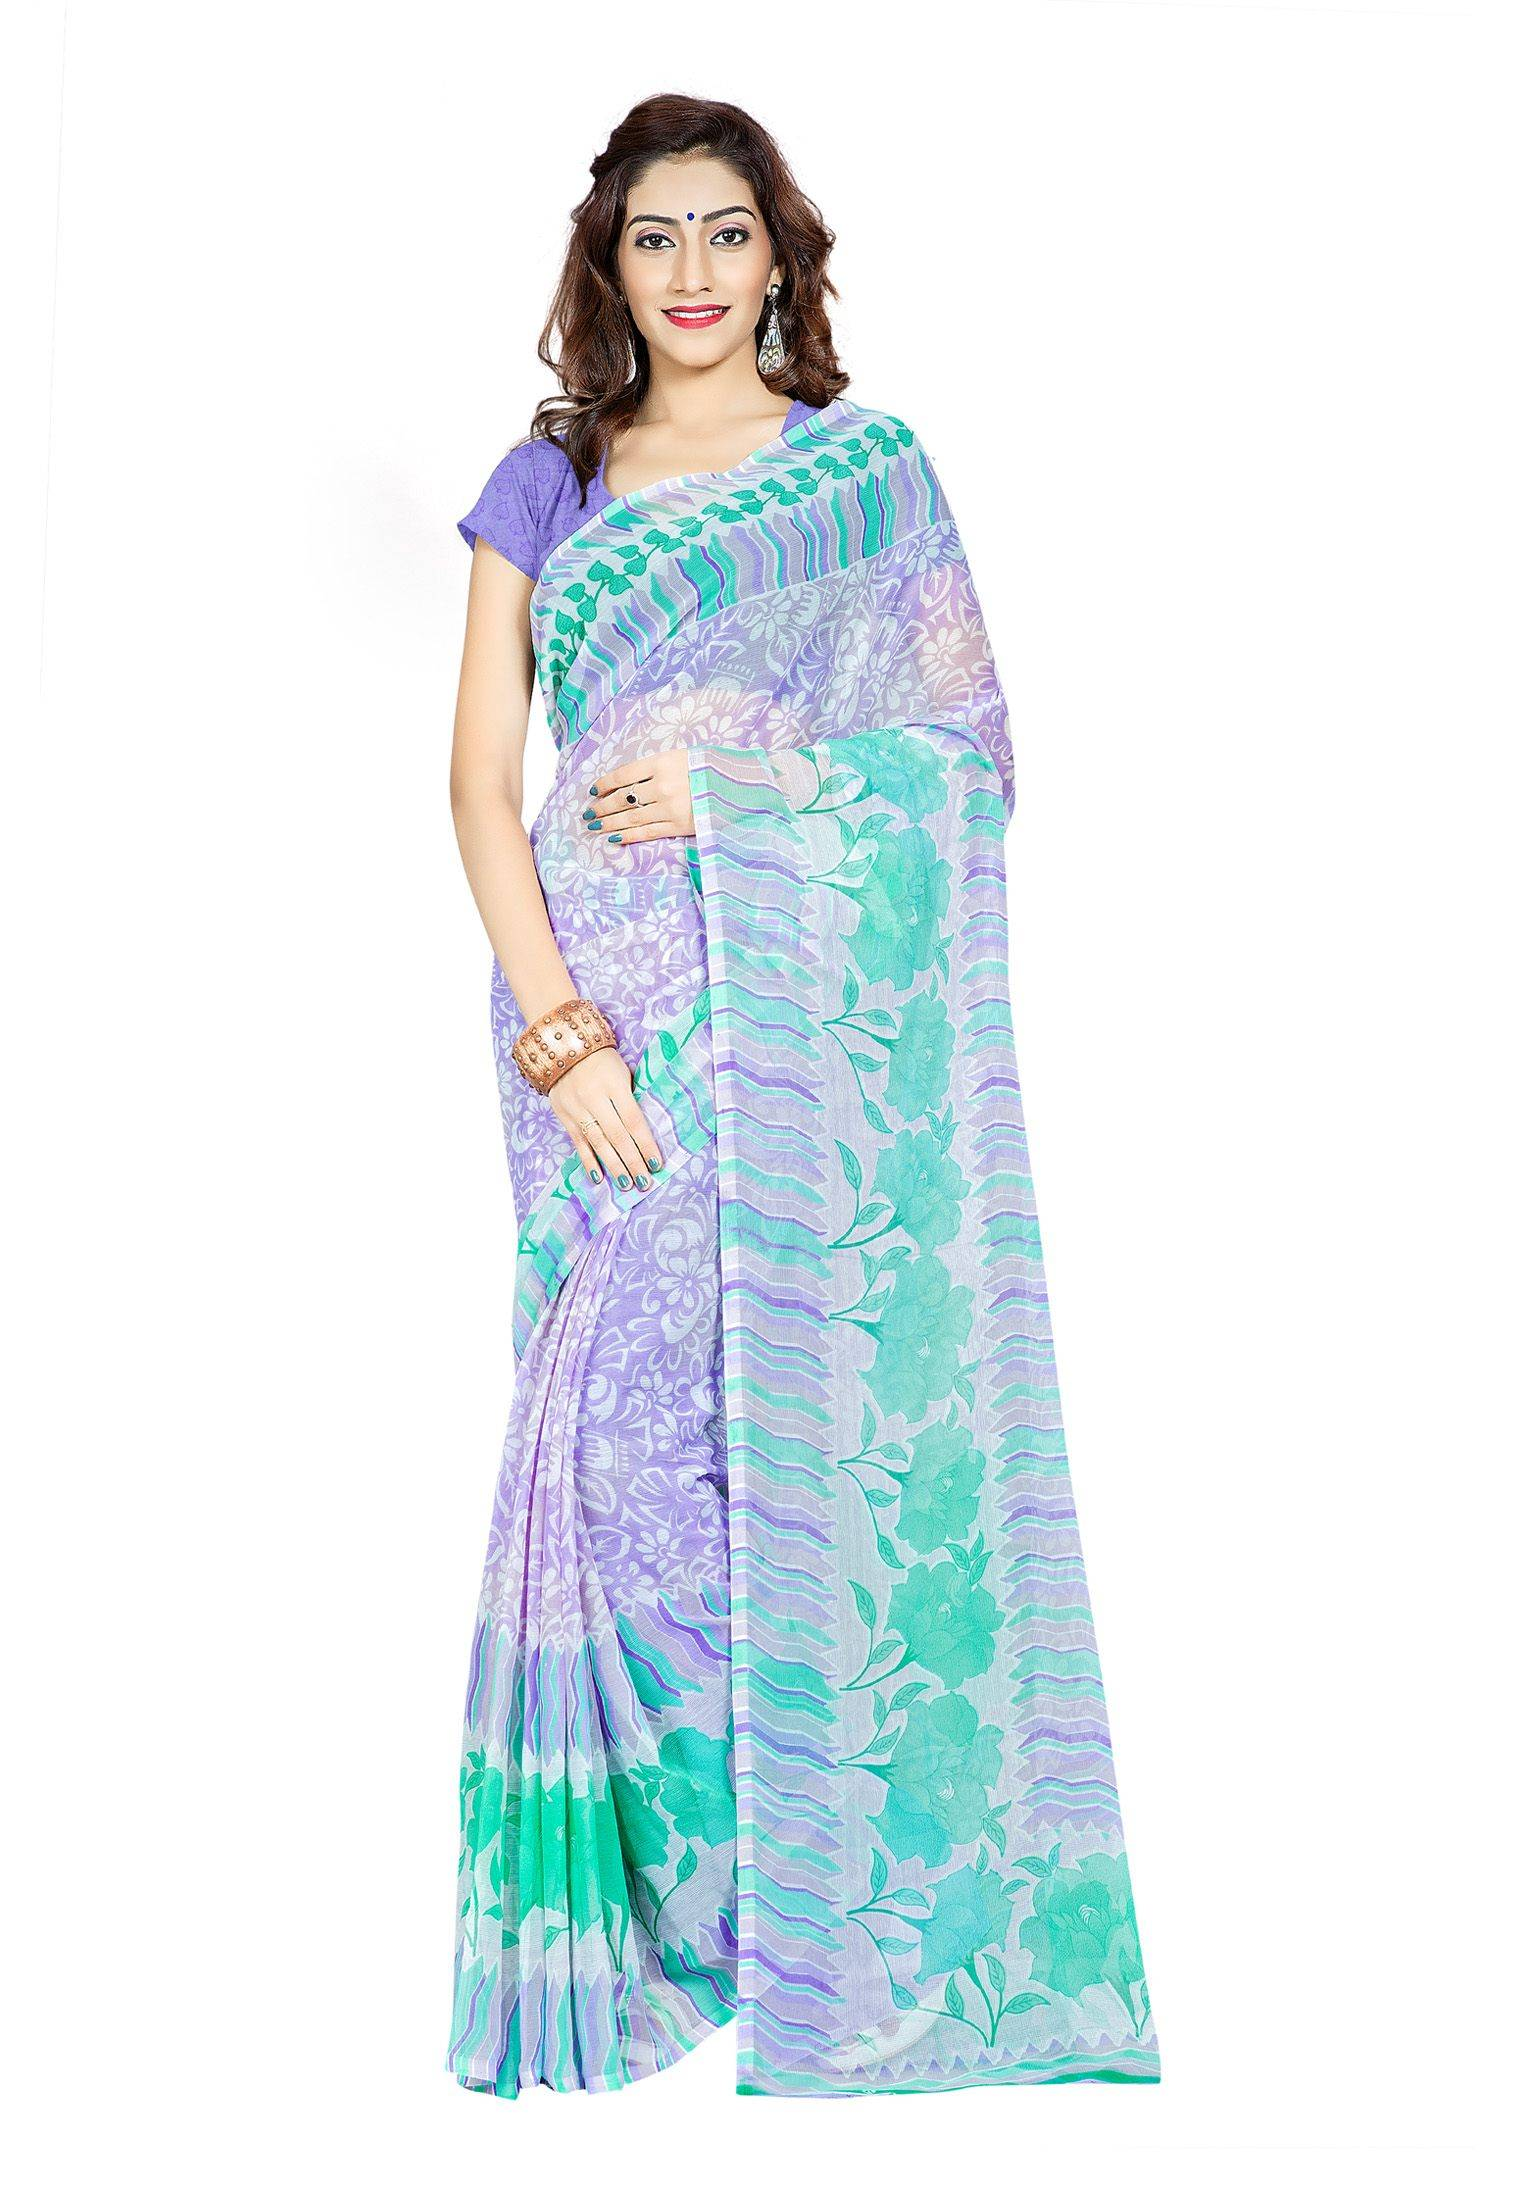 Ambaji Casual Wear Multi Colored Printed Chiffon Saree/Sari